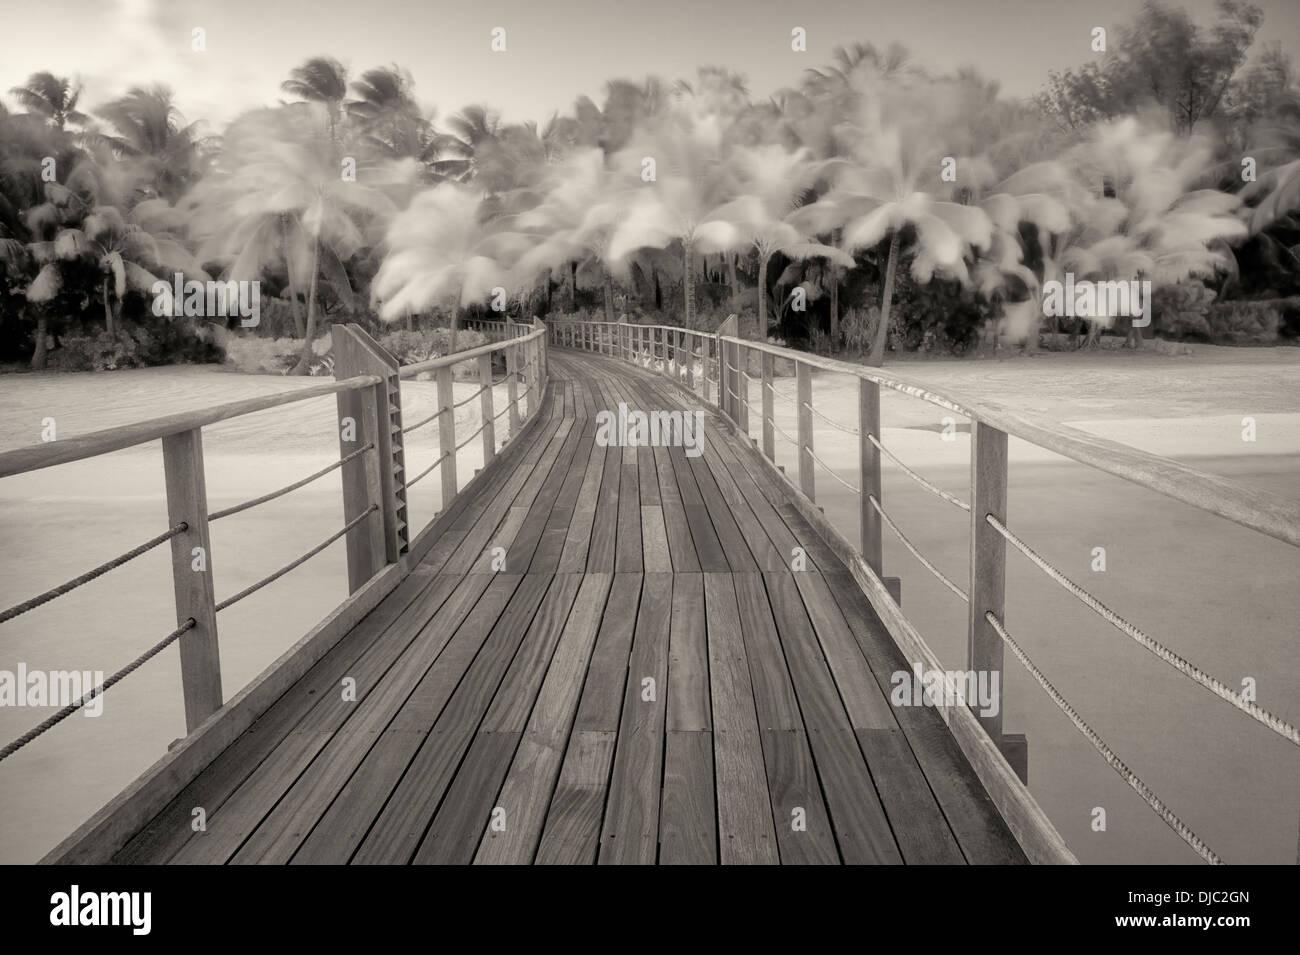 Boardwalk en palmeras en el viento. La Polinesia Francesa Imagen De Stock